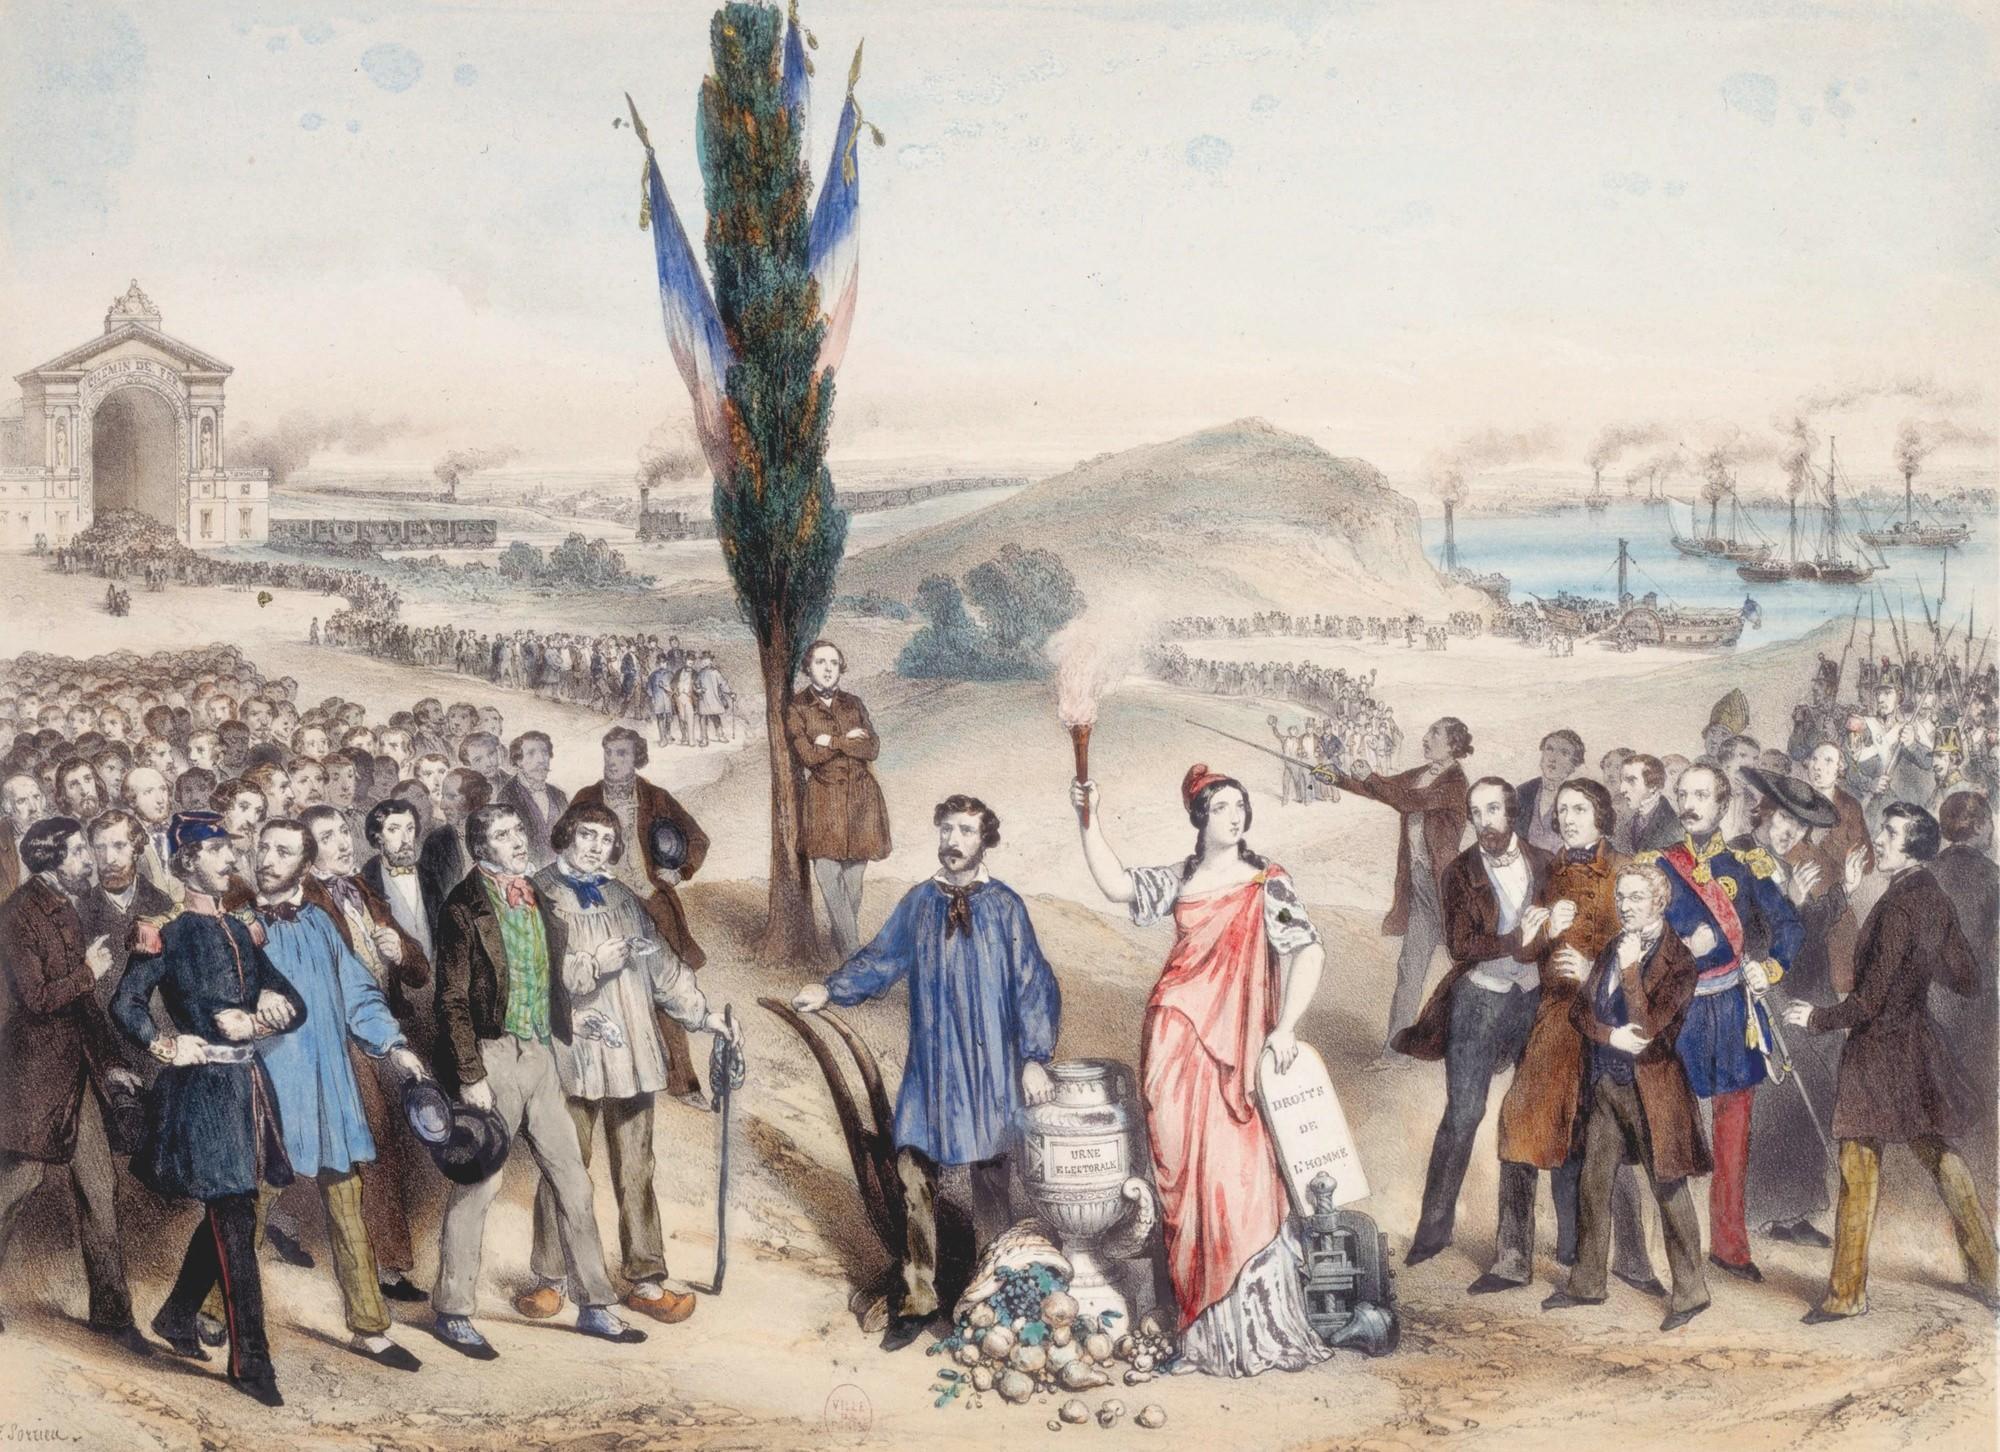 Frédéric Sorrieu, Le Suffrage universel, 1850, lithographie